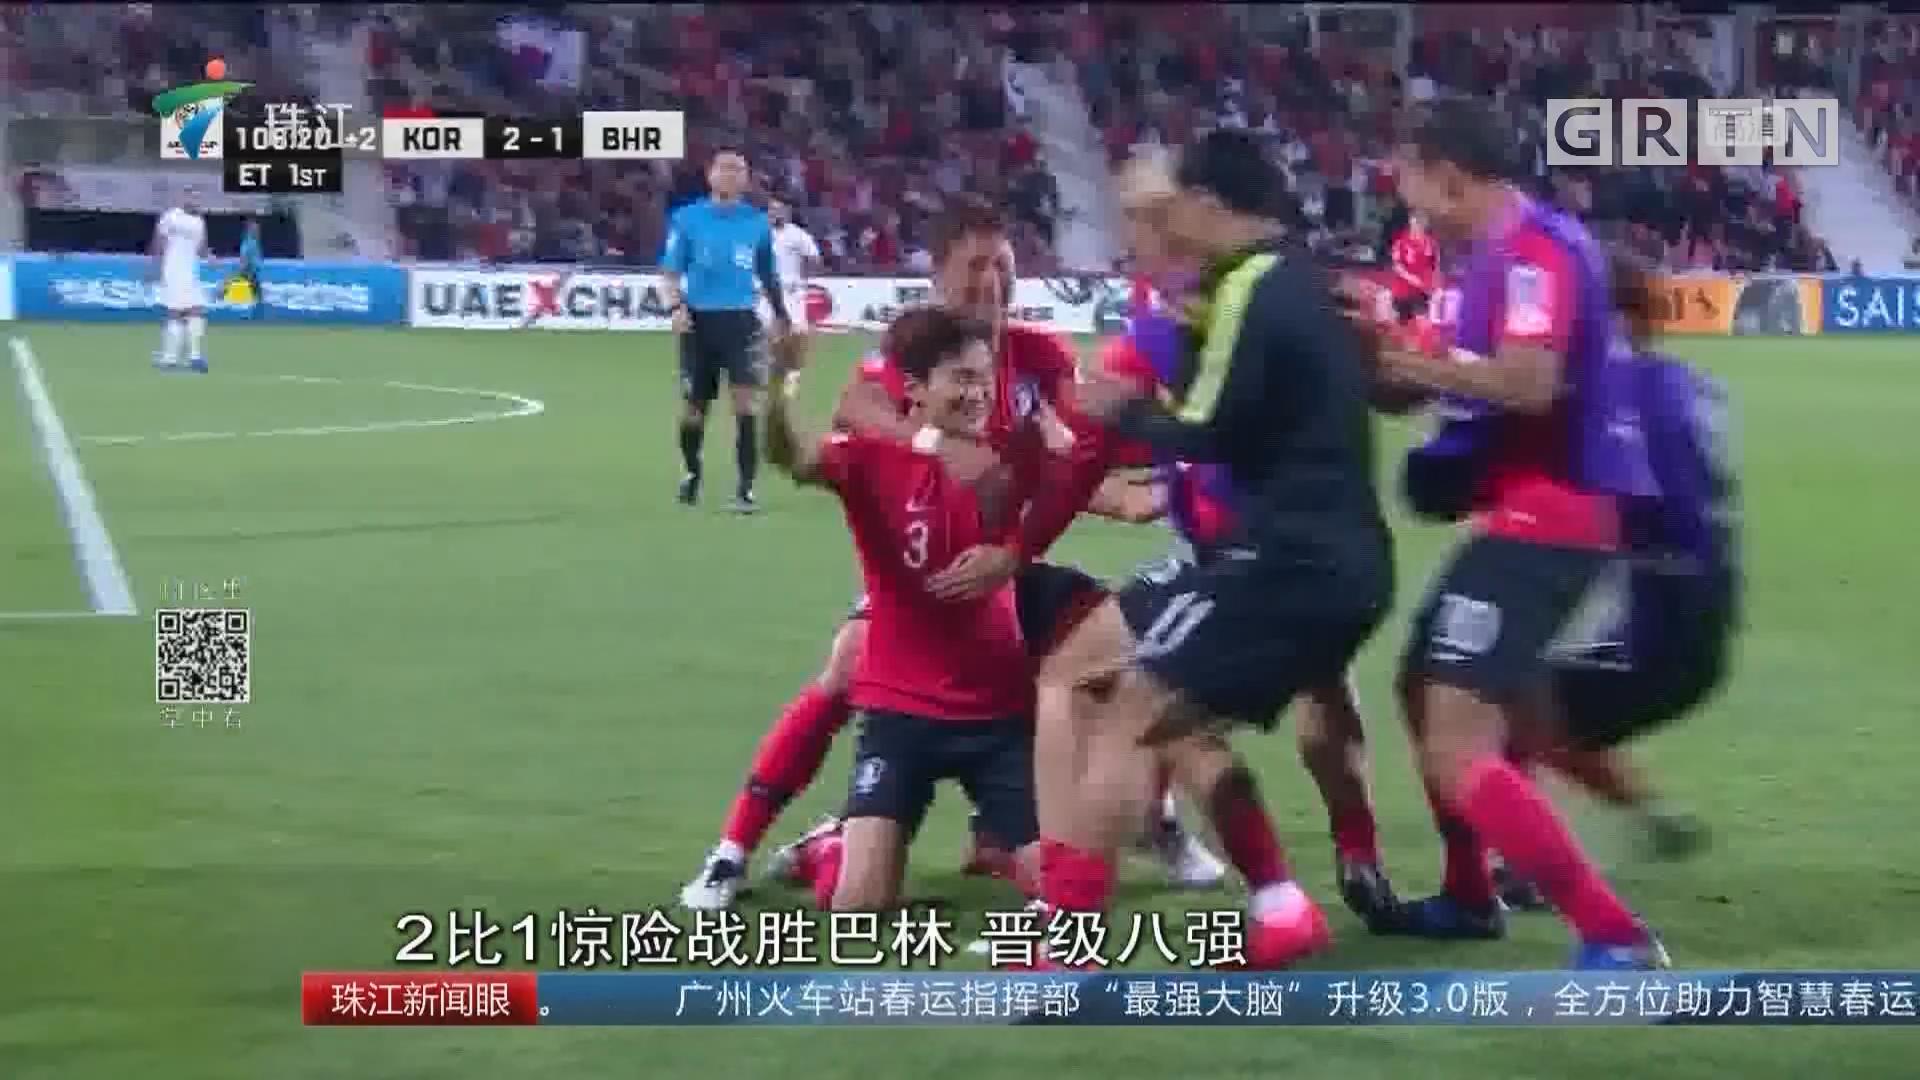 亚洲杯:金珍洙加时破门 韩国险胜巴林晋级